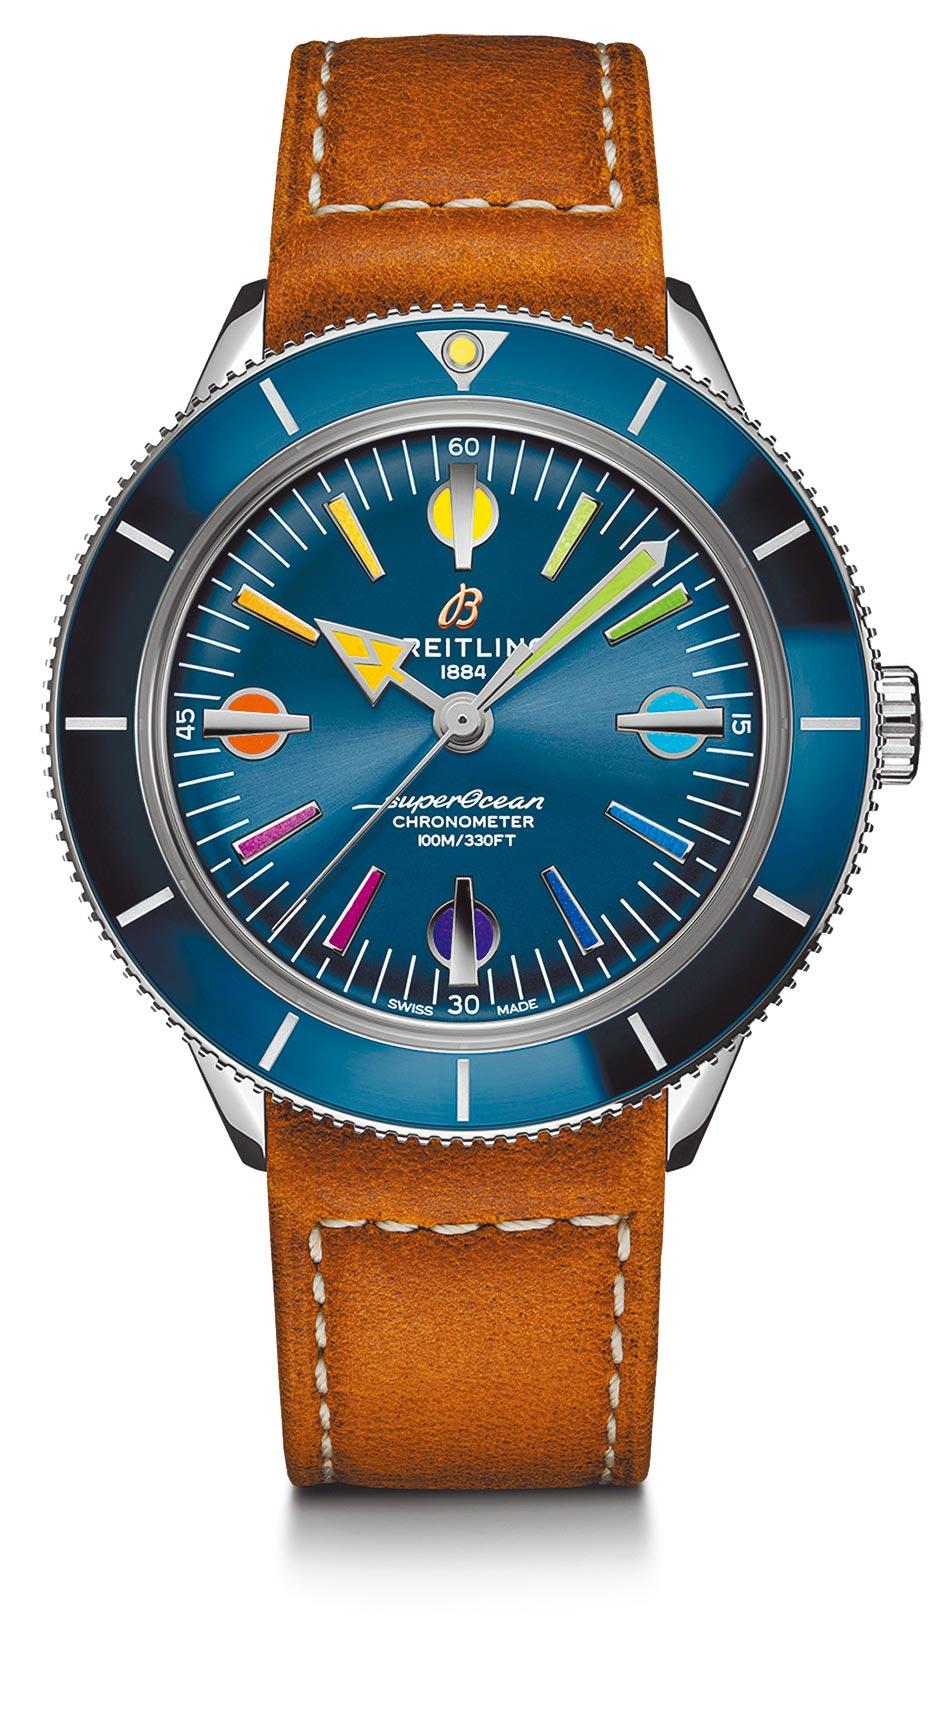 百年靈Superocean Heritage '57超級海洋限量表,融入彩虹元素,13萬4000元。(Breitling提供)